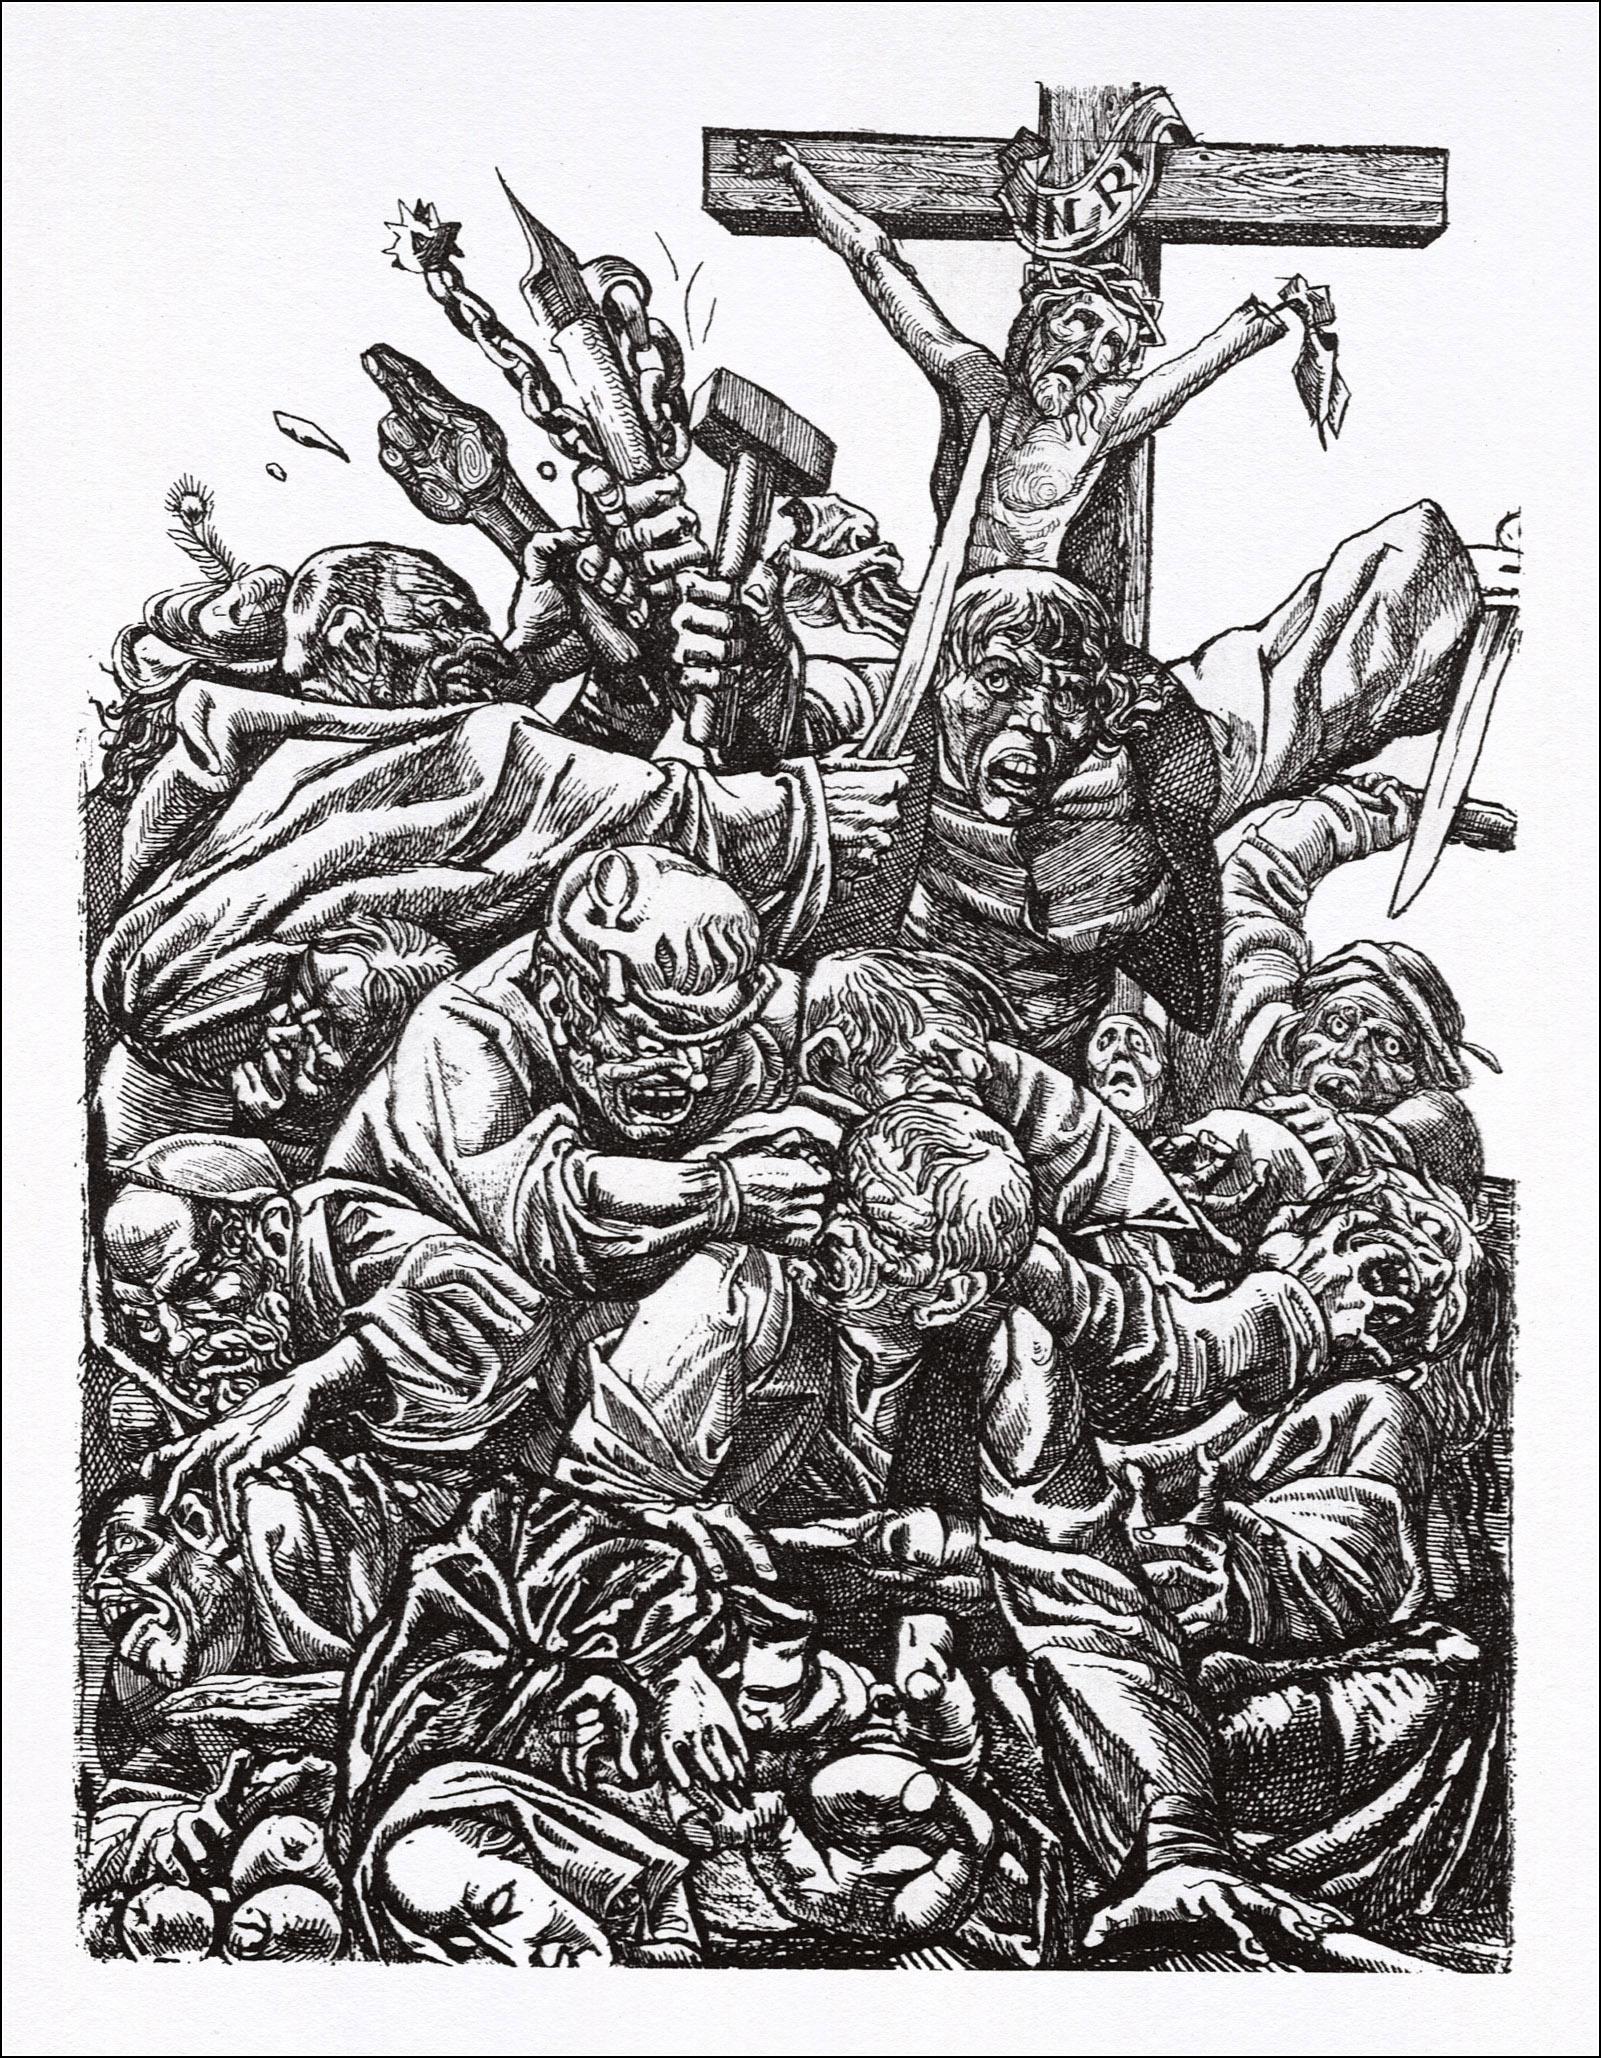 Легенда про героїчні,веселі і славетні пригоди Уленшпігеля3